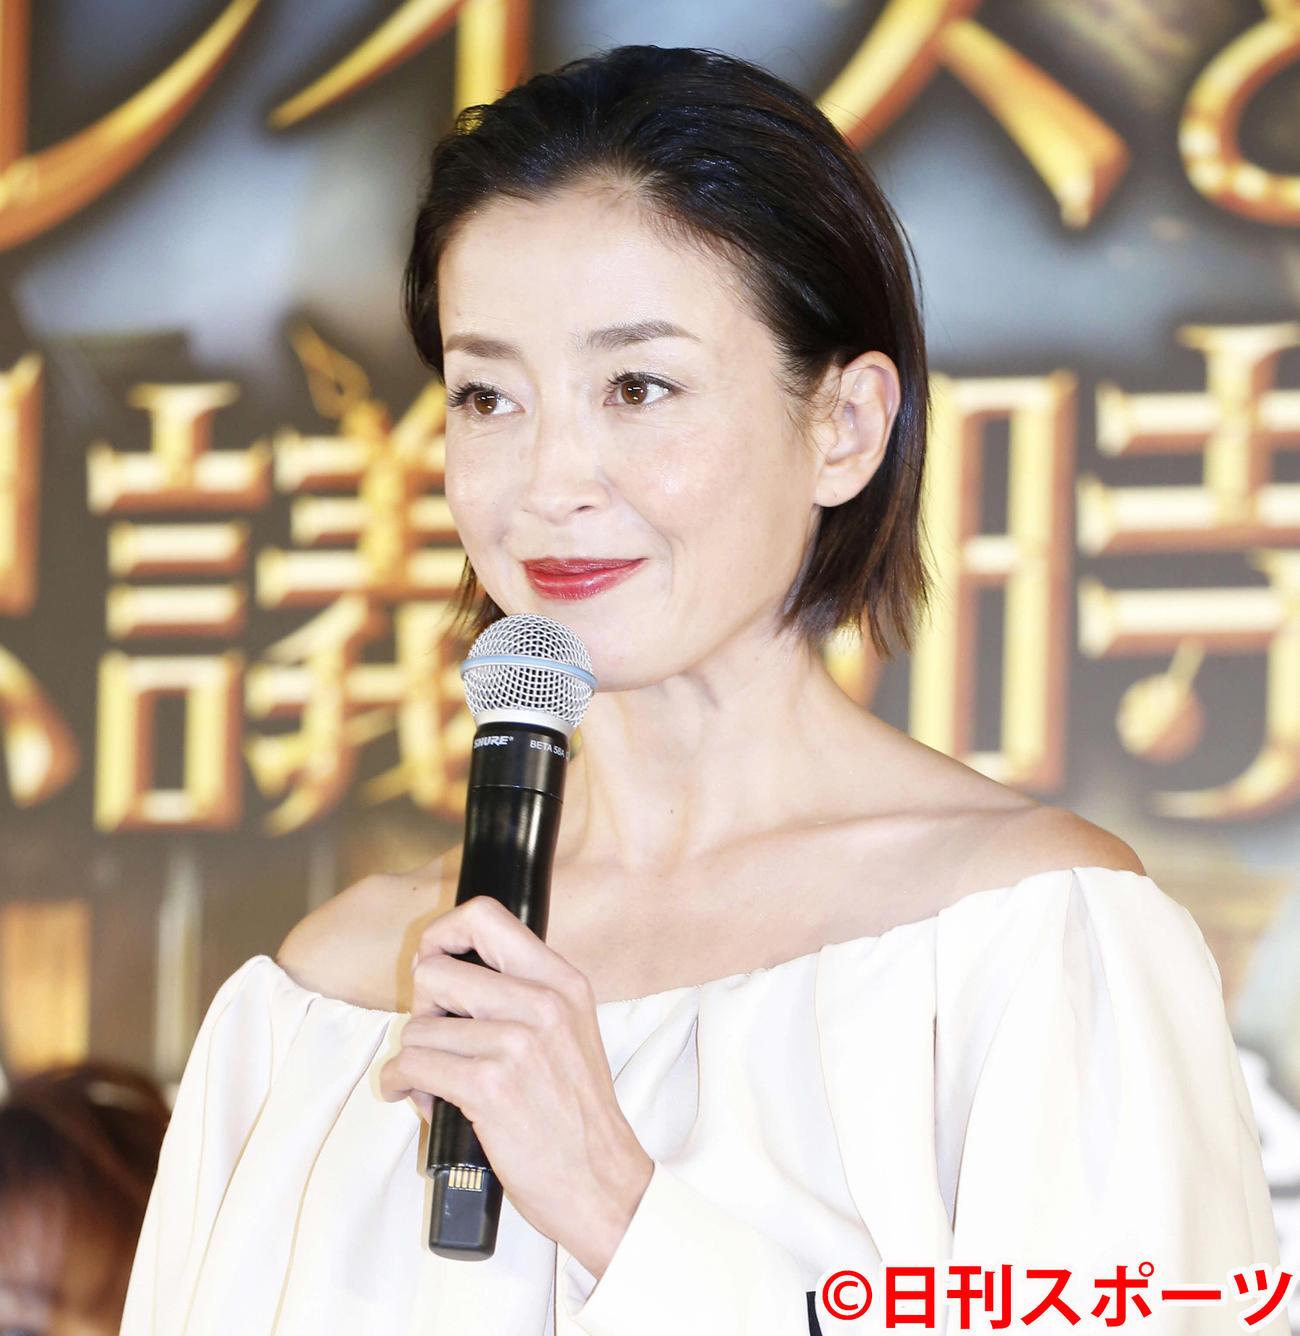 宮沢りえ(2018年9月24日撮影)